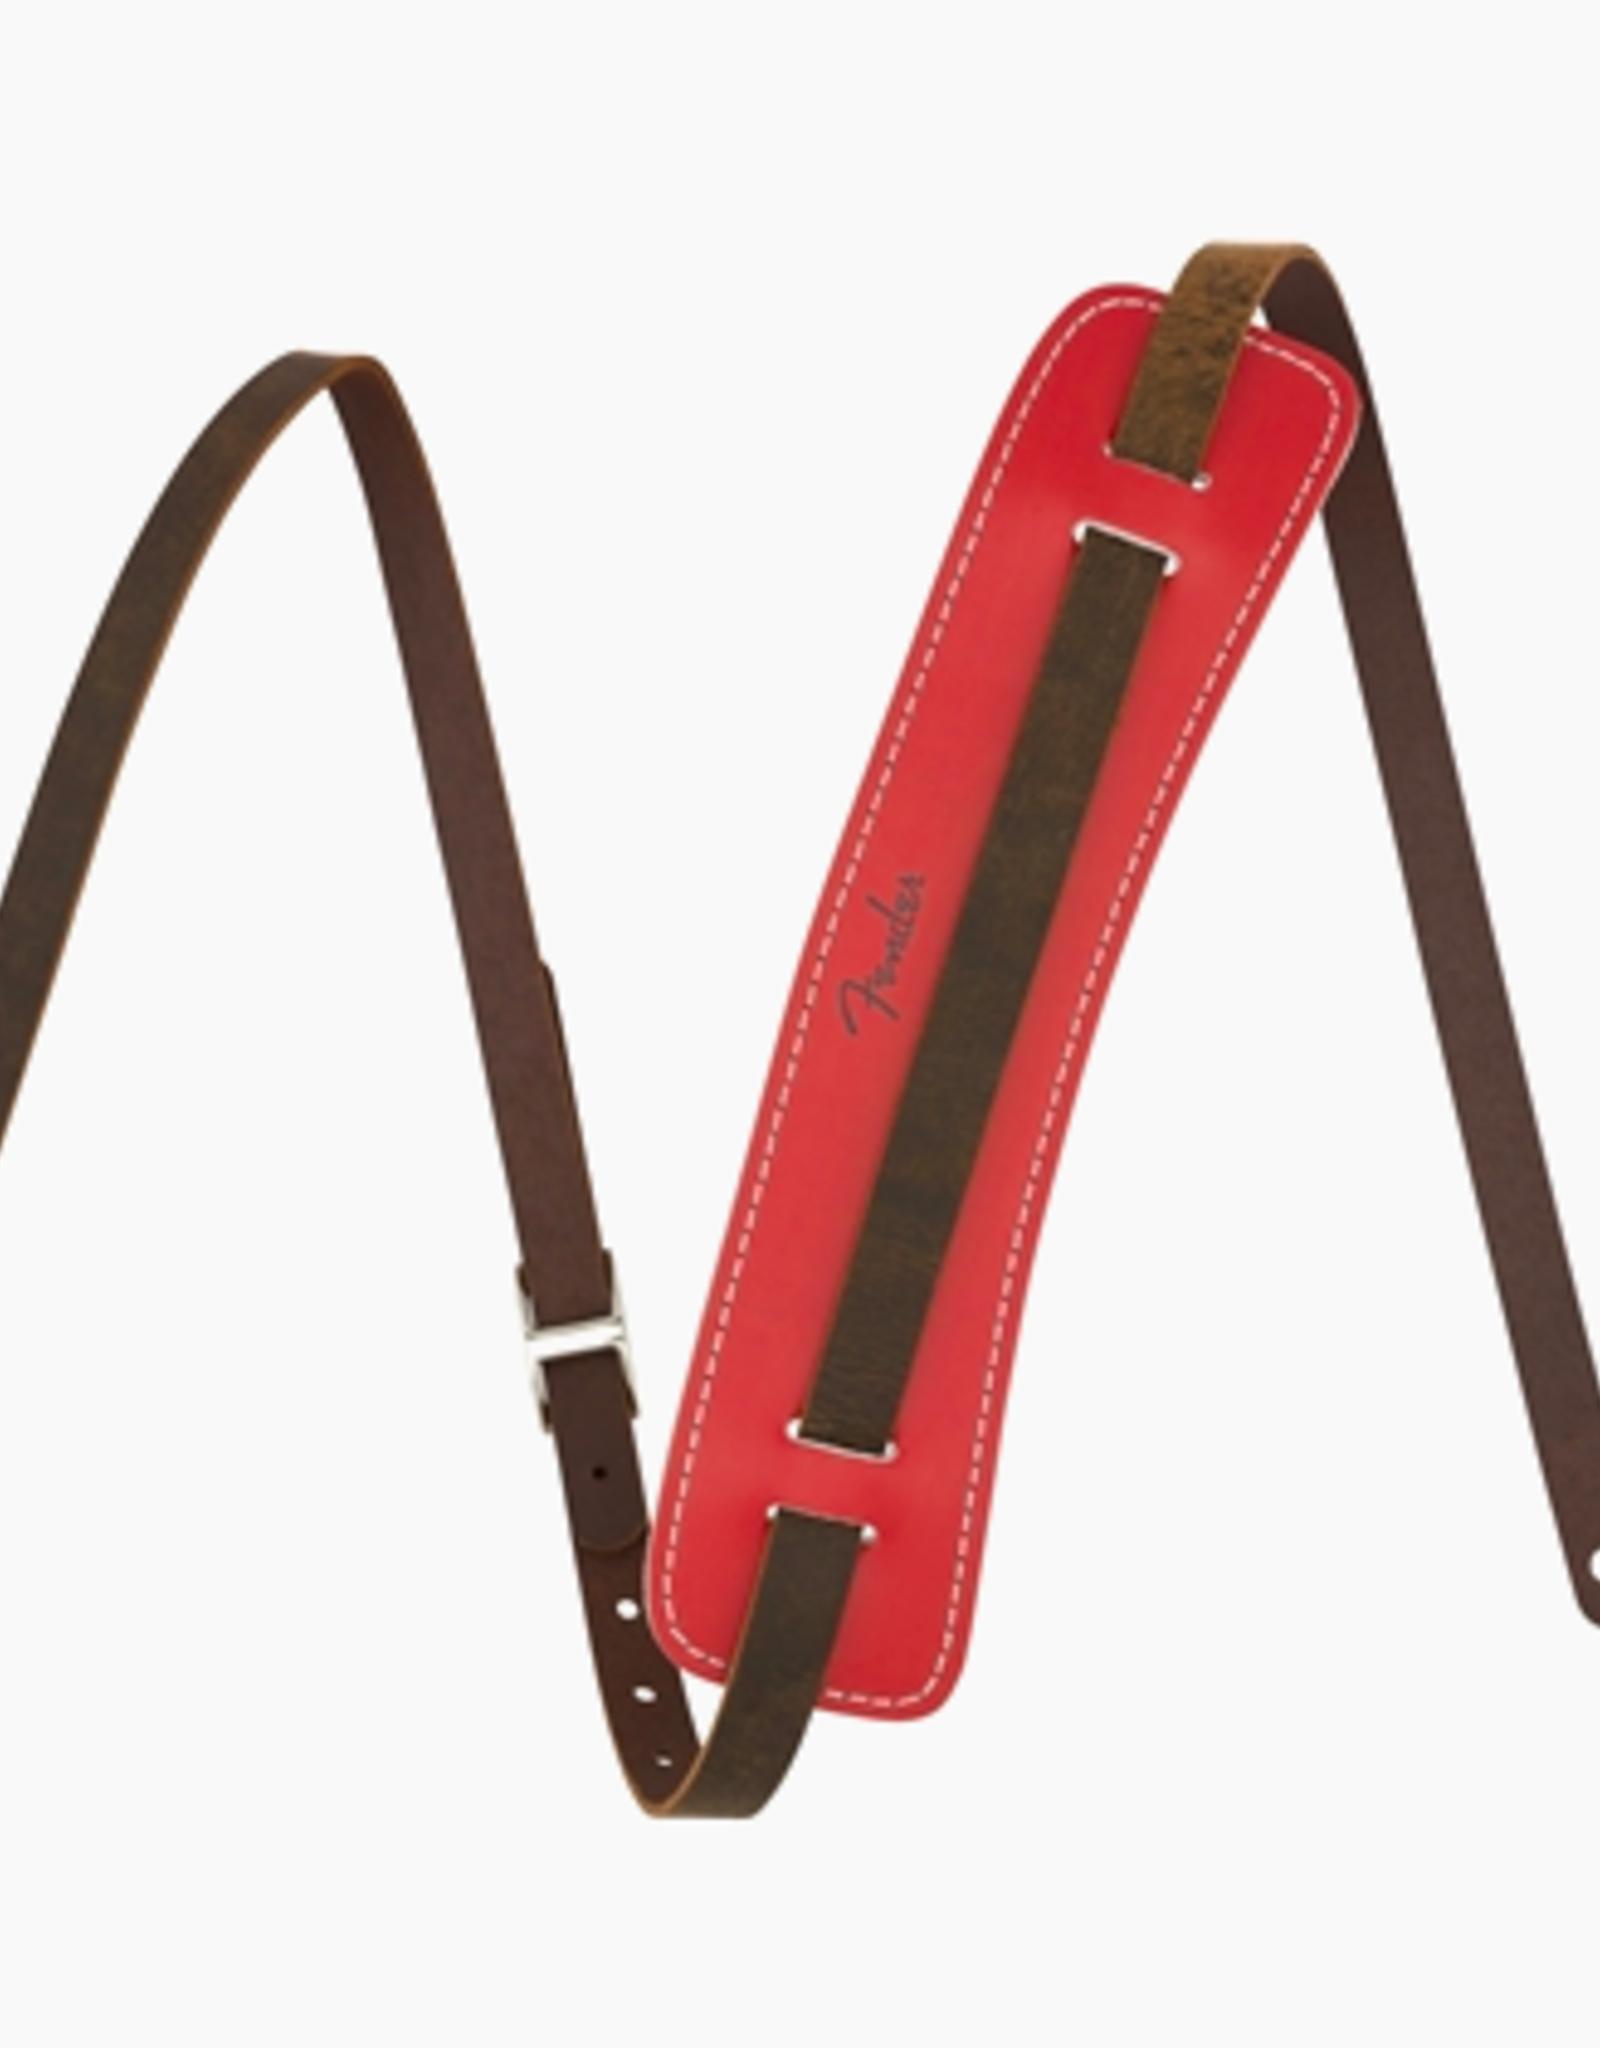 Fender FENDER ORIGINAL STRAP FIESTA RED